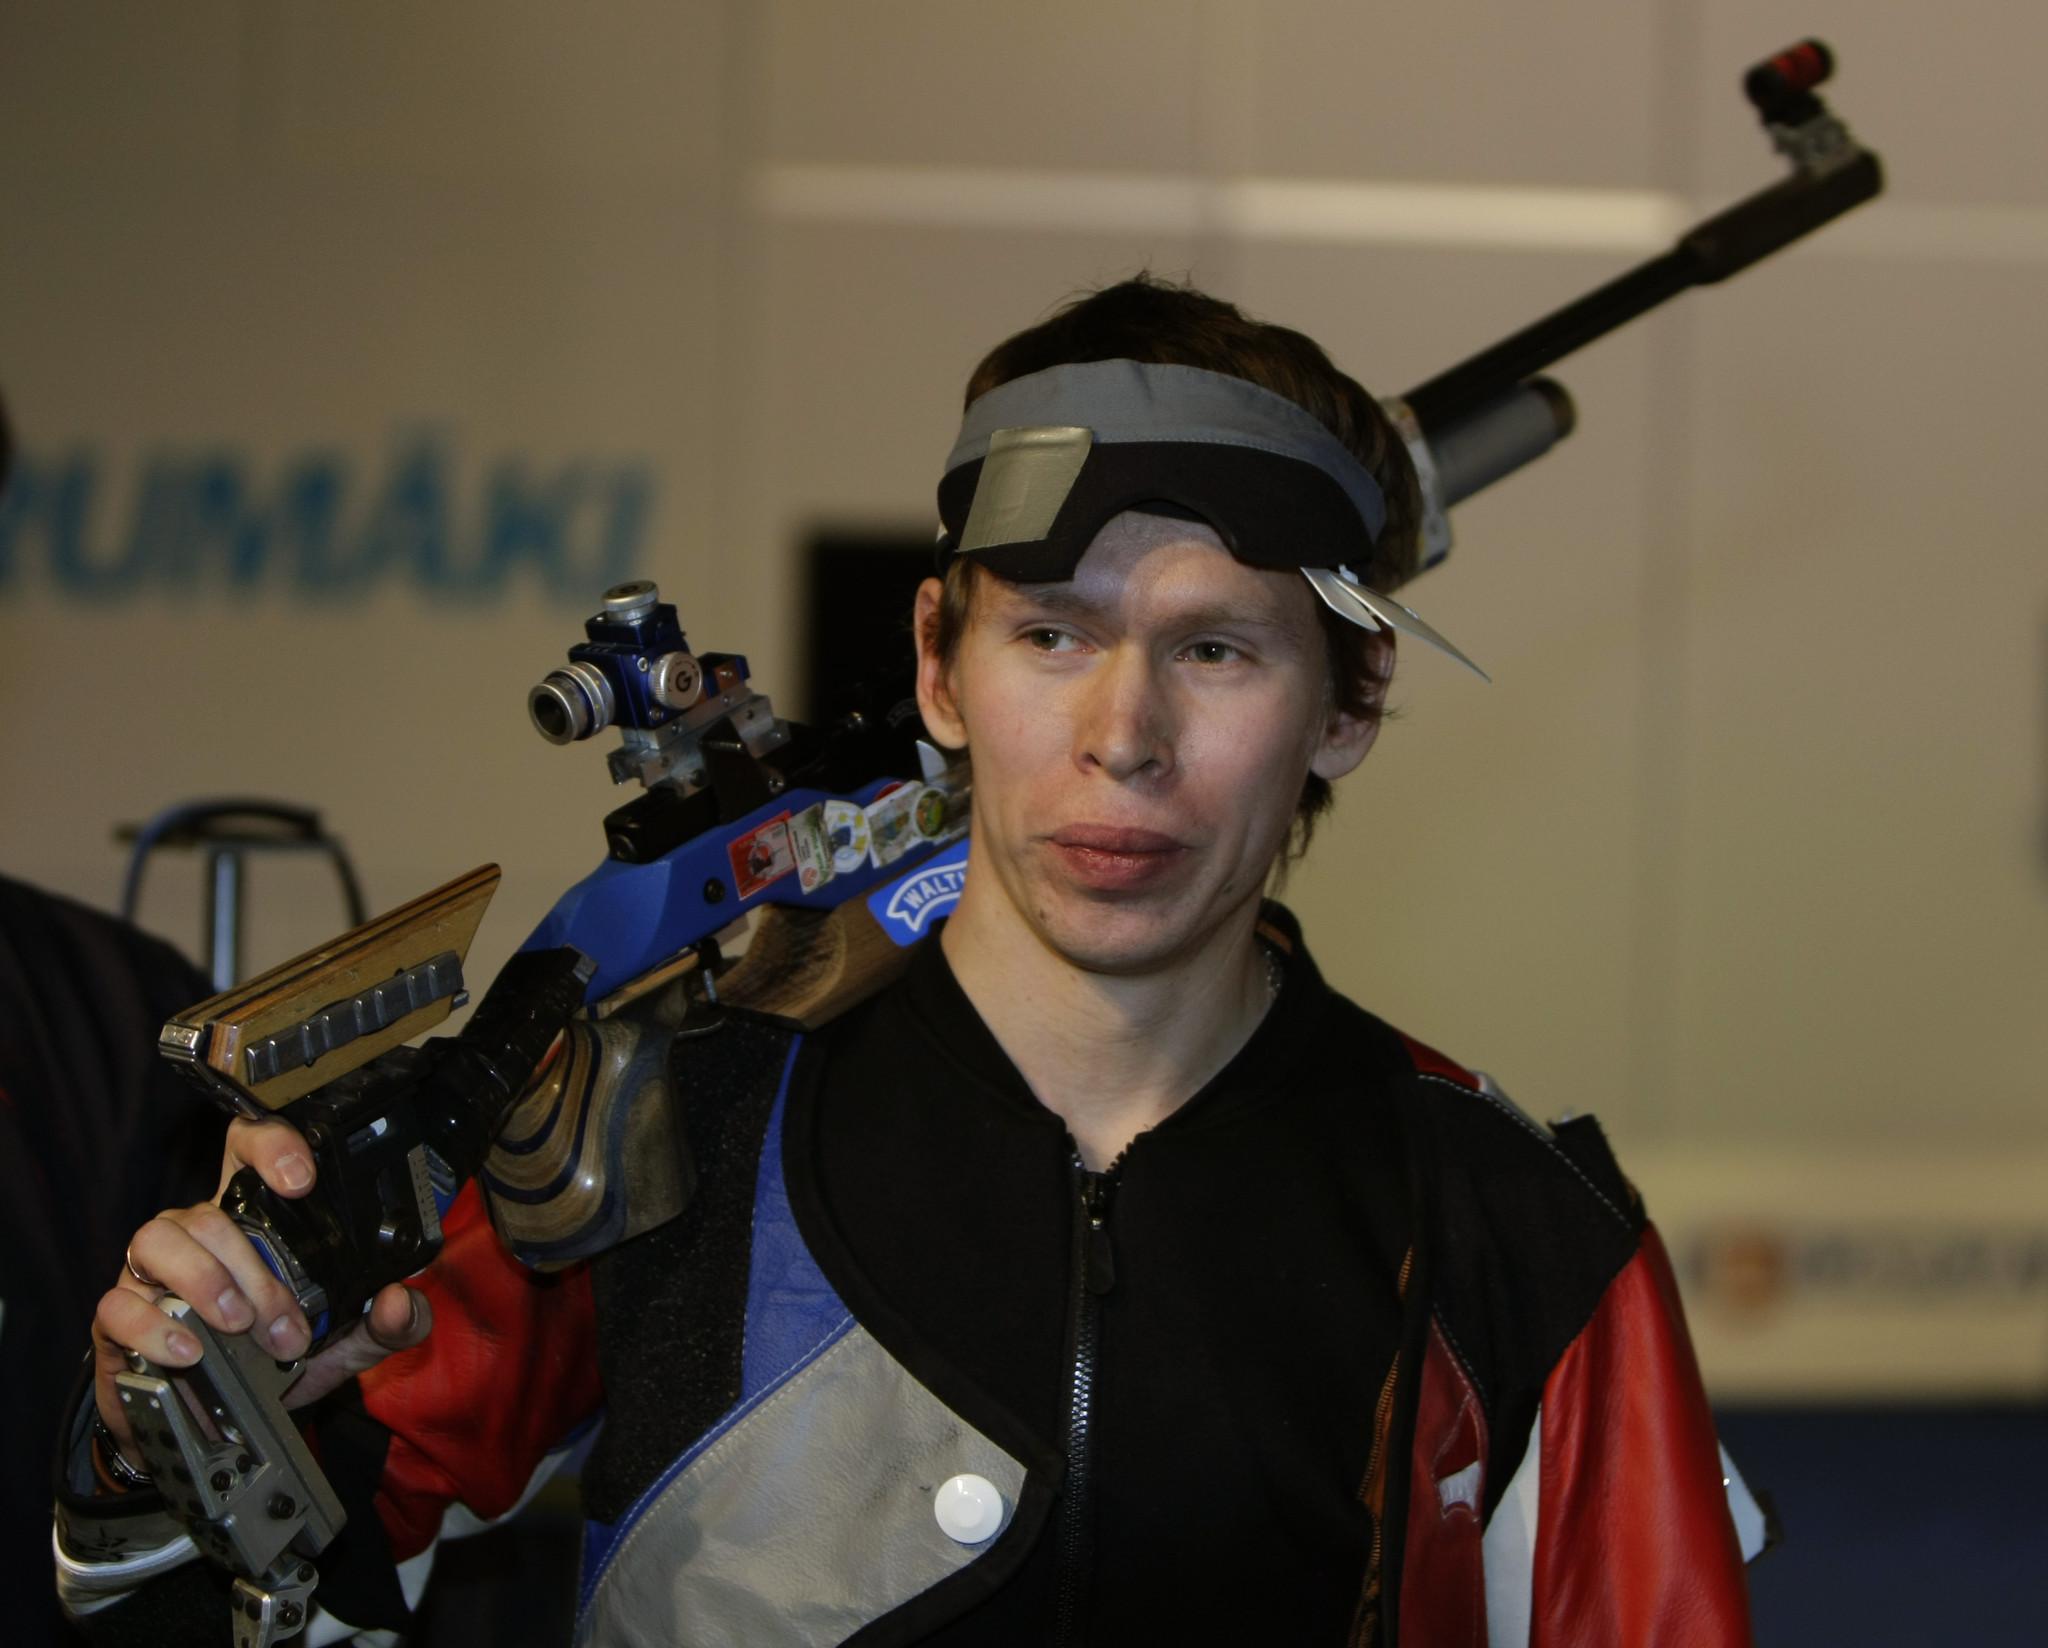 Иркутский стрелок Артем Черноусов завоевал серебряную медаль наВсероссийских соревнованиях